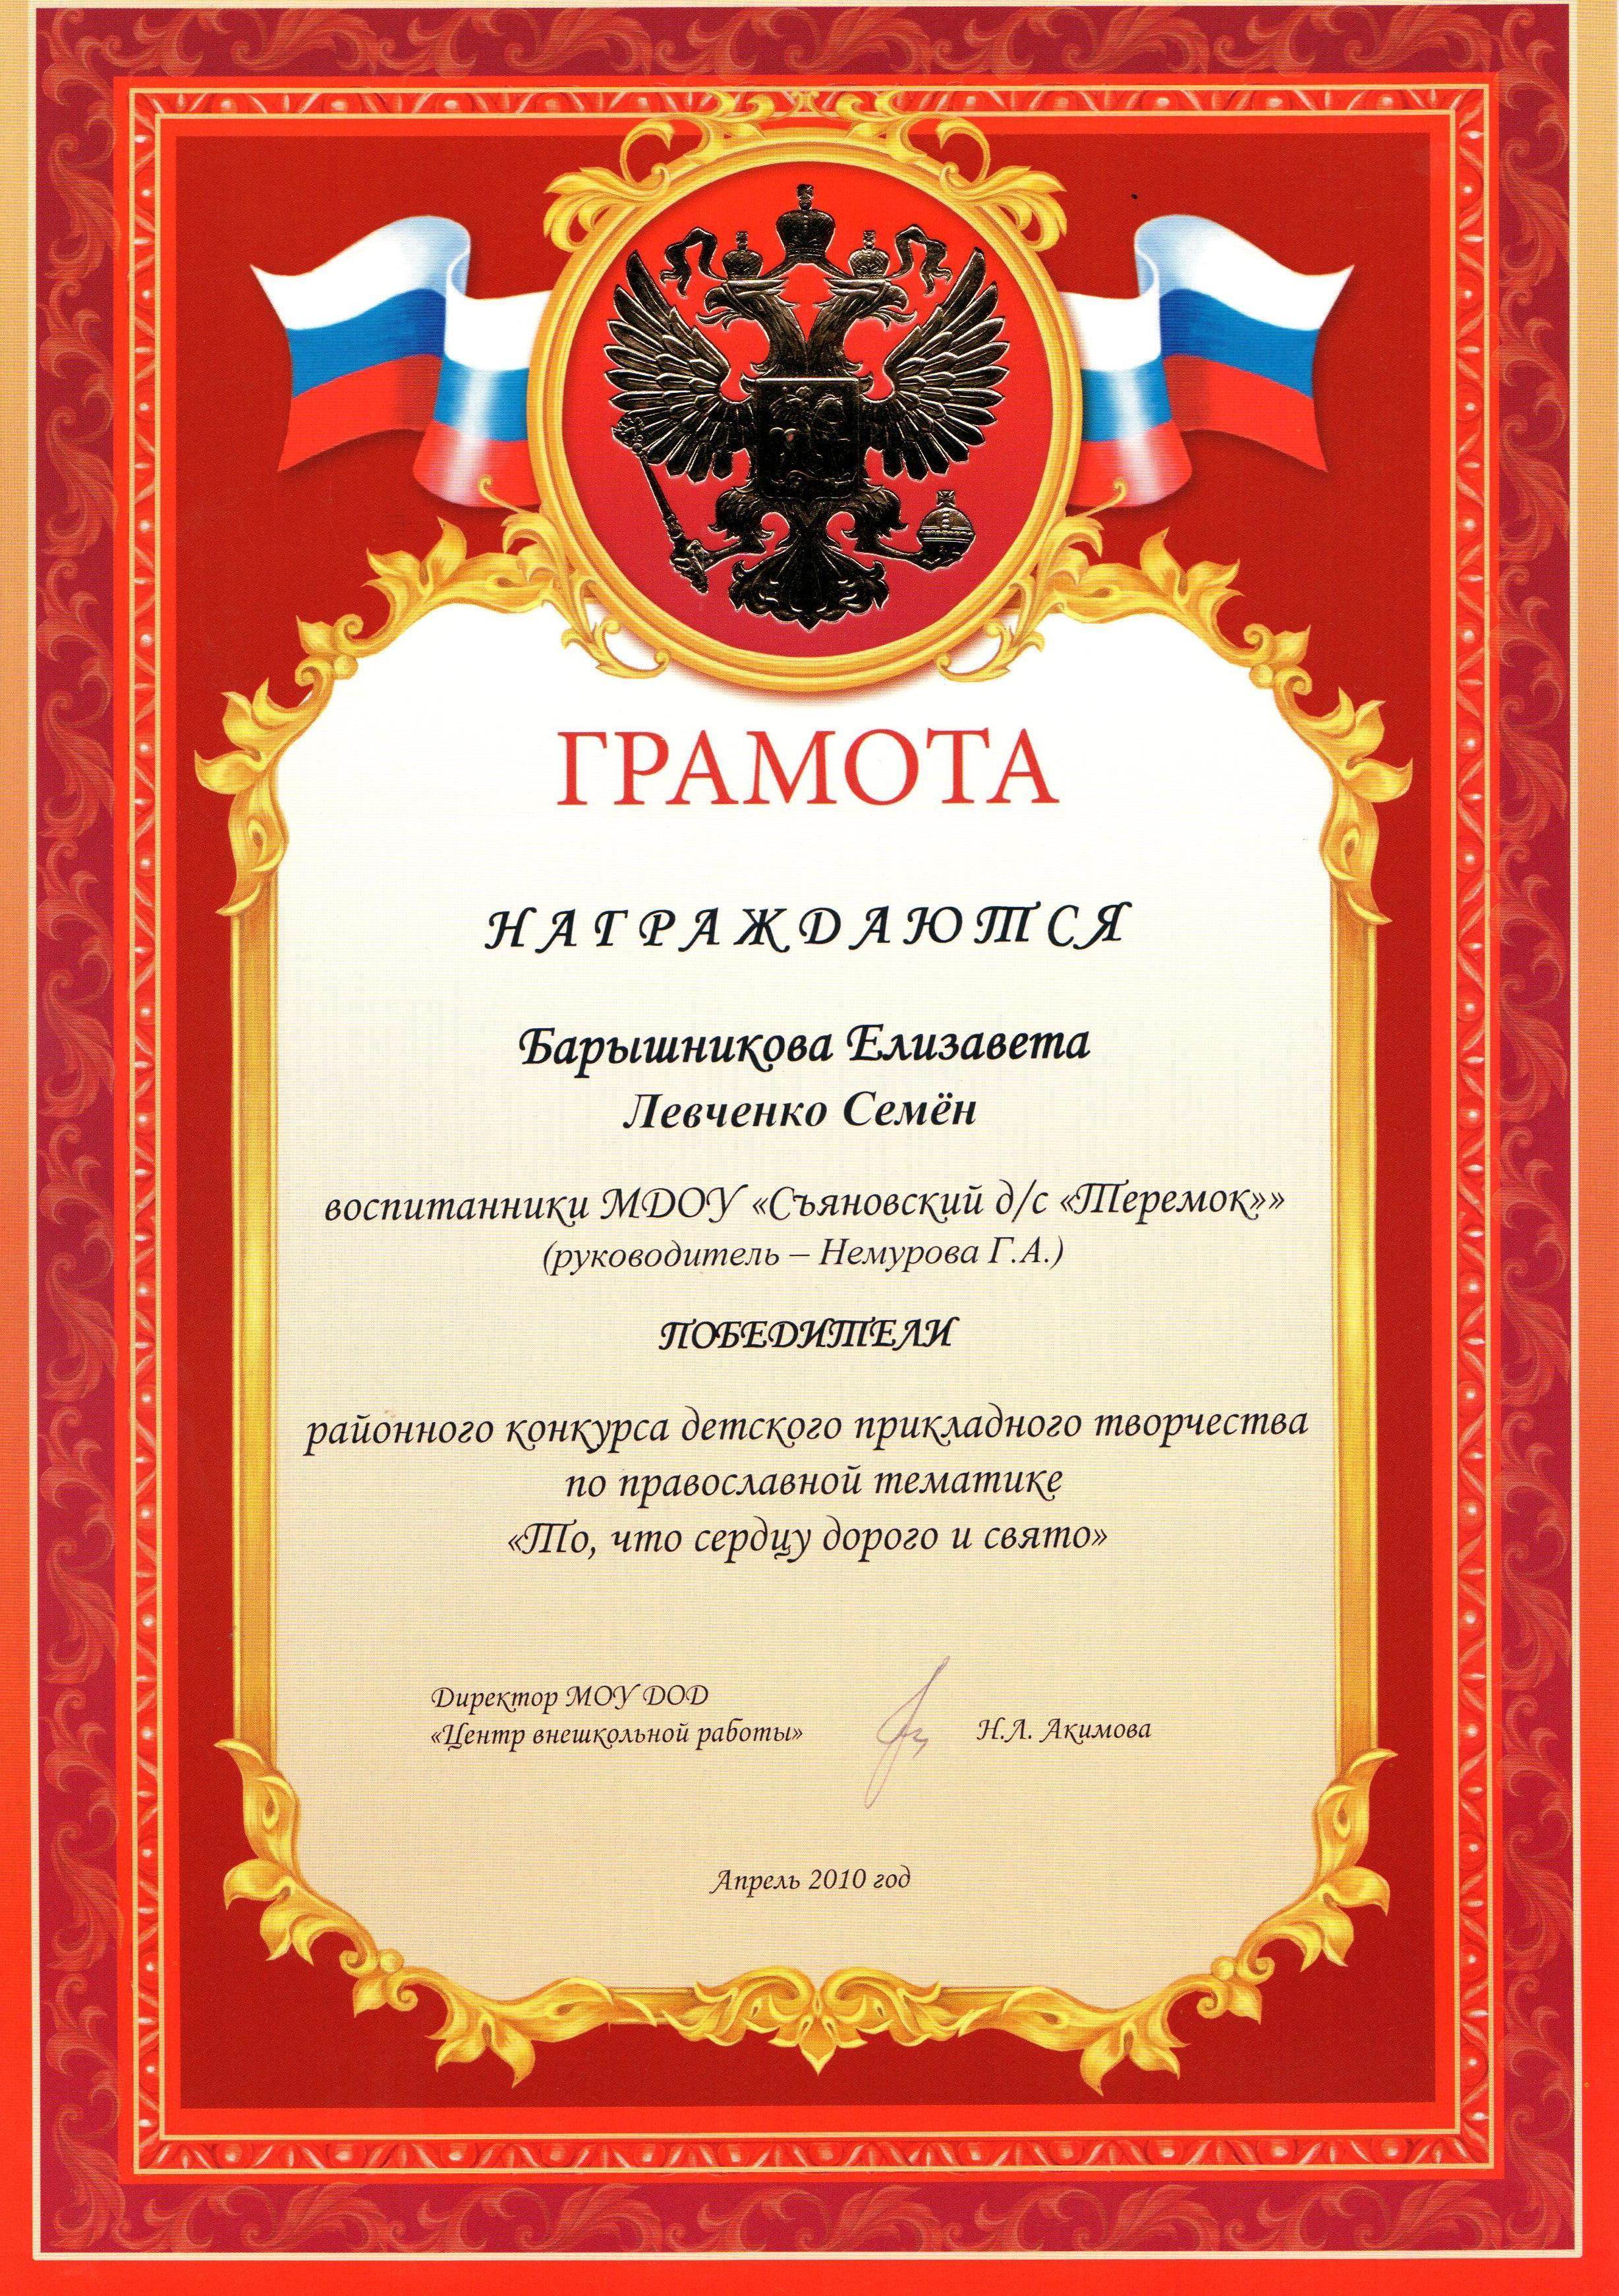 http://teremok-serpreg.my1.ru/20121009_232808.jpg